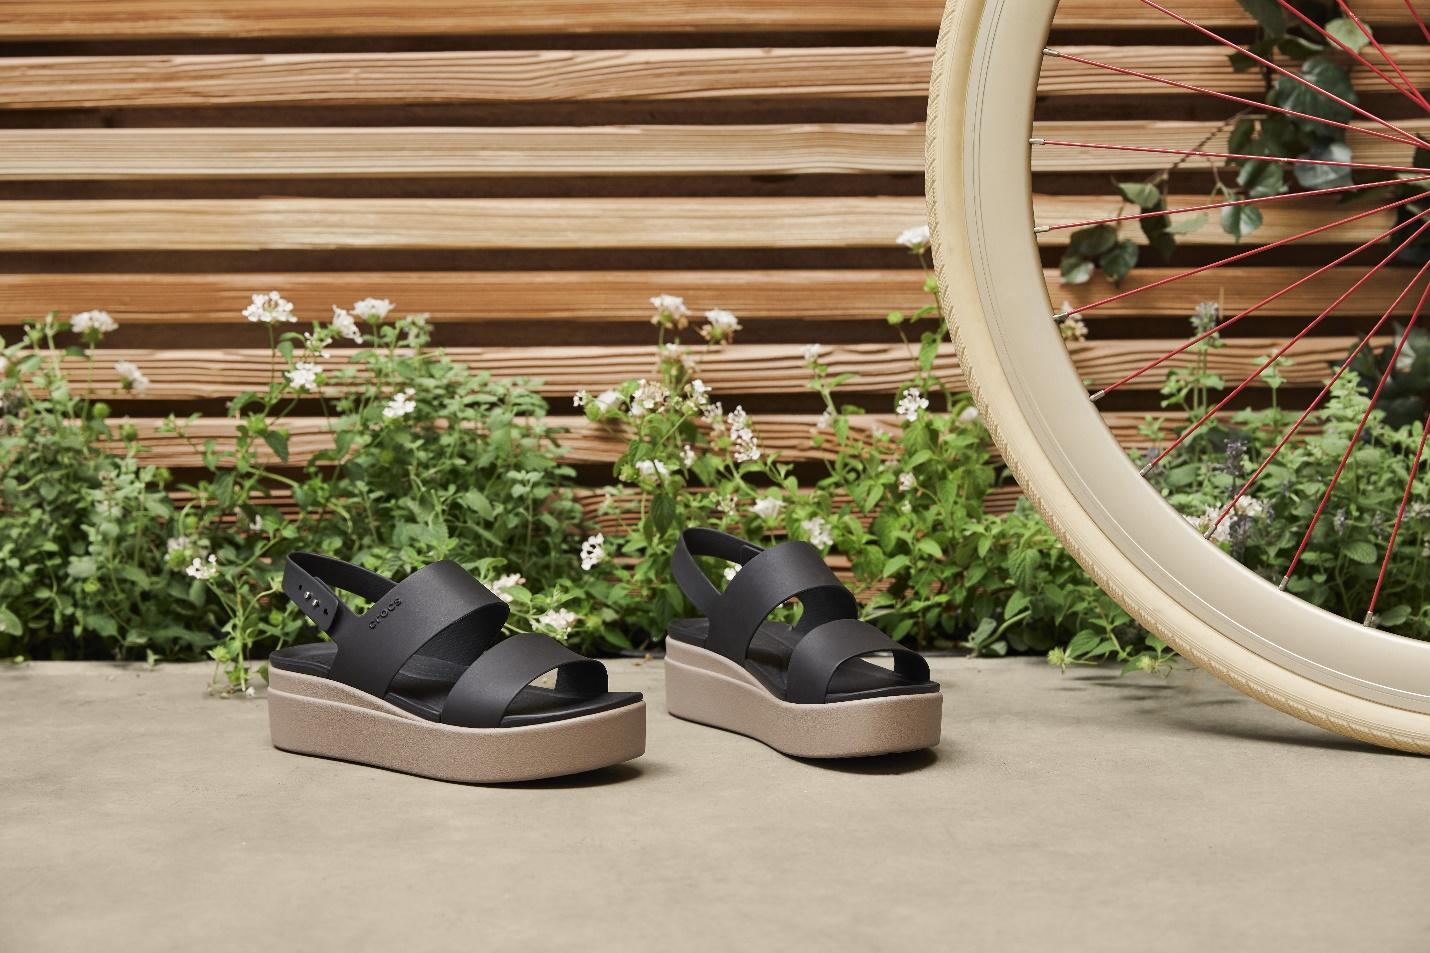 Một mẫu platform sandals màu đen trong BST Crocs Brooklyn phù hợp cho nhiều kiểu trang phục khác nhau